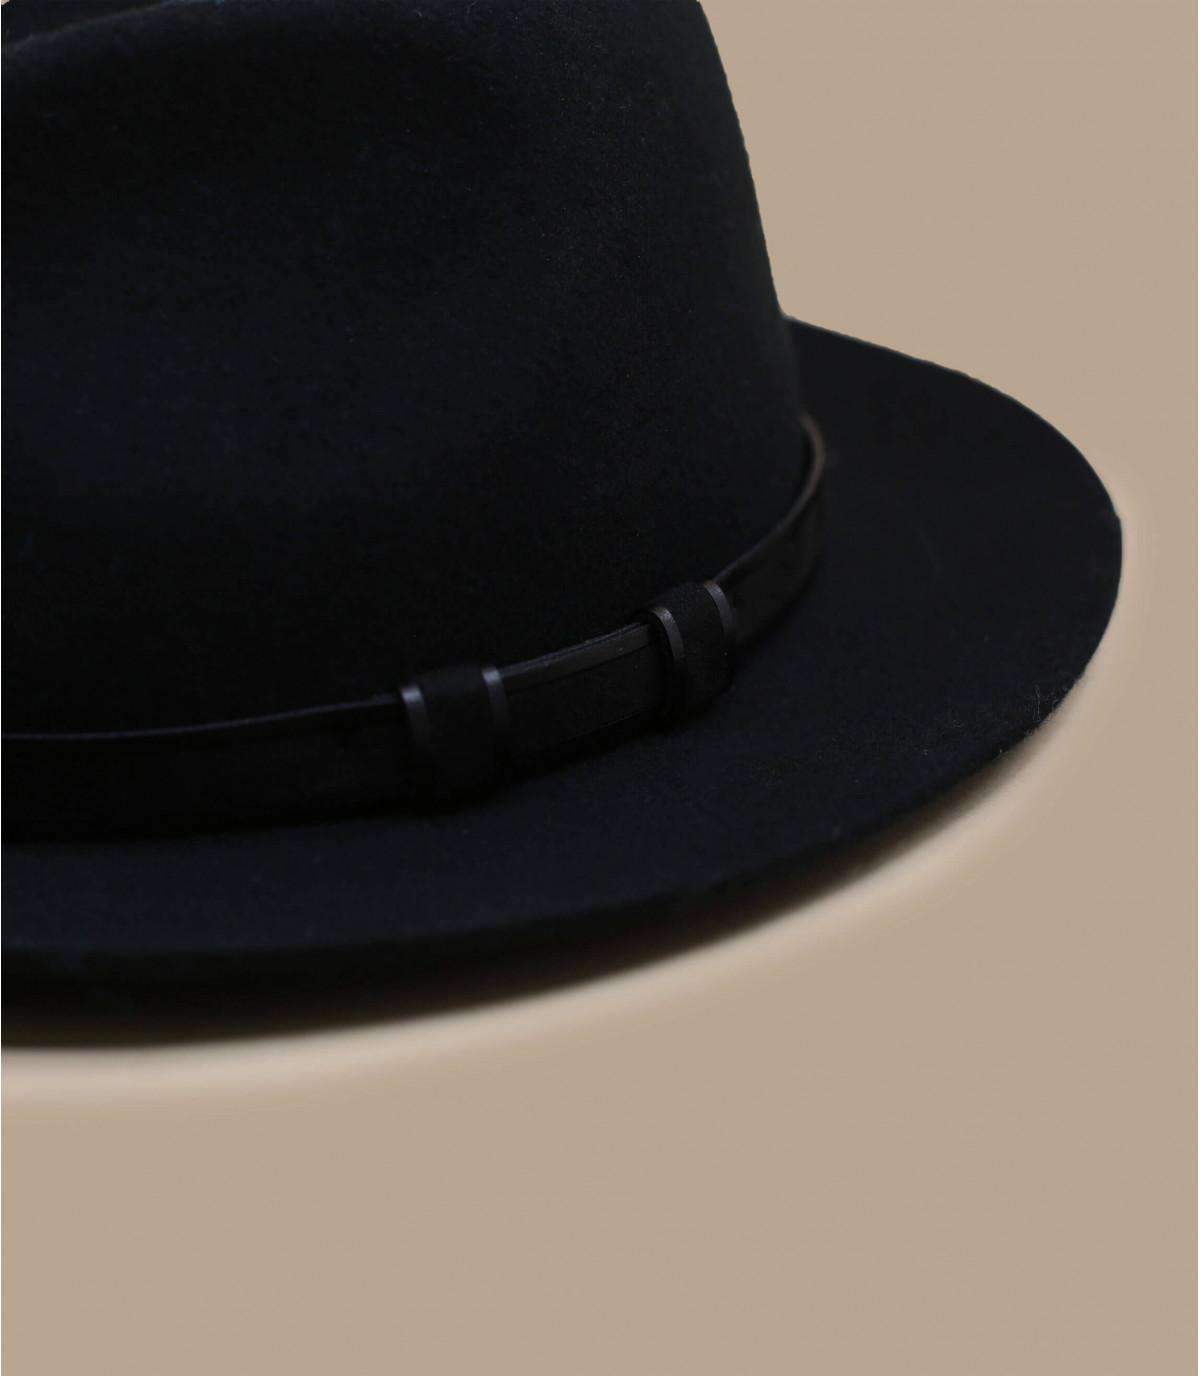 Détails Harvey noir - image 2